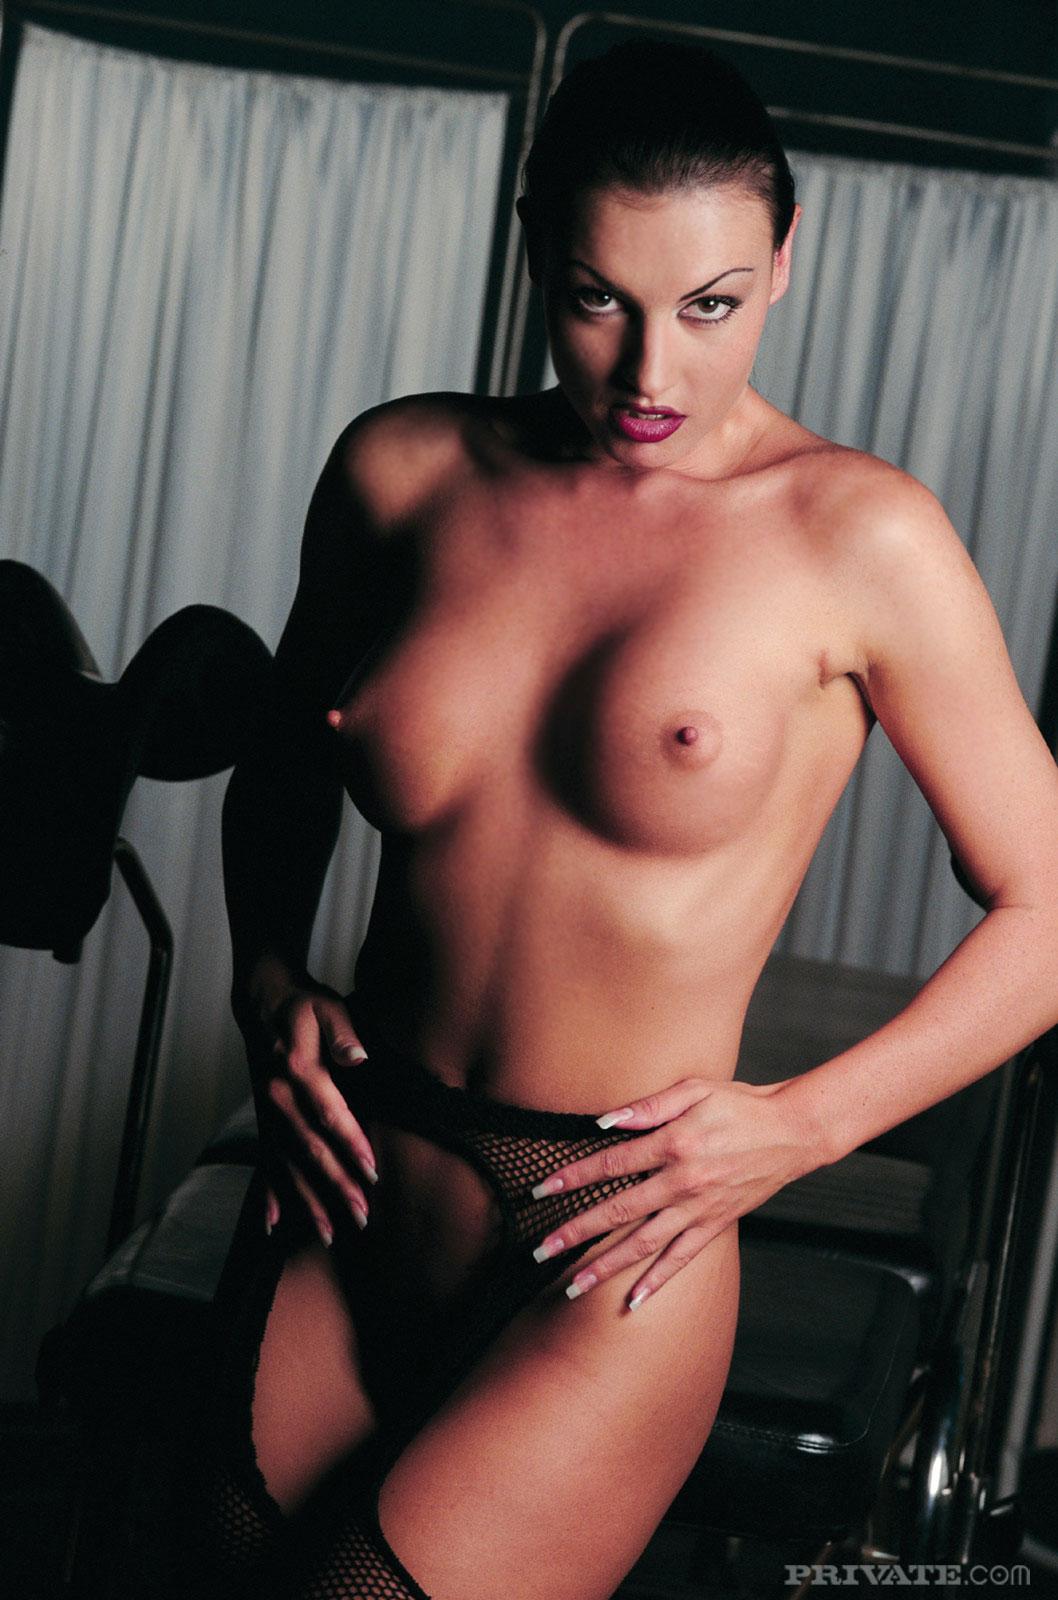 Фото порно актрисы laura angel